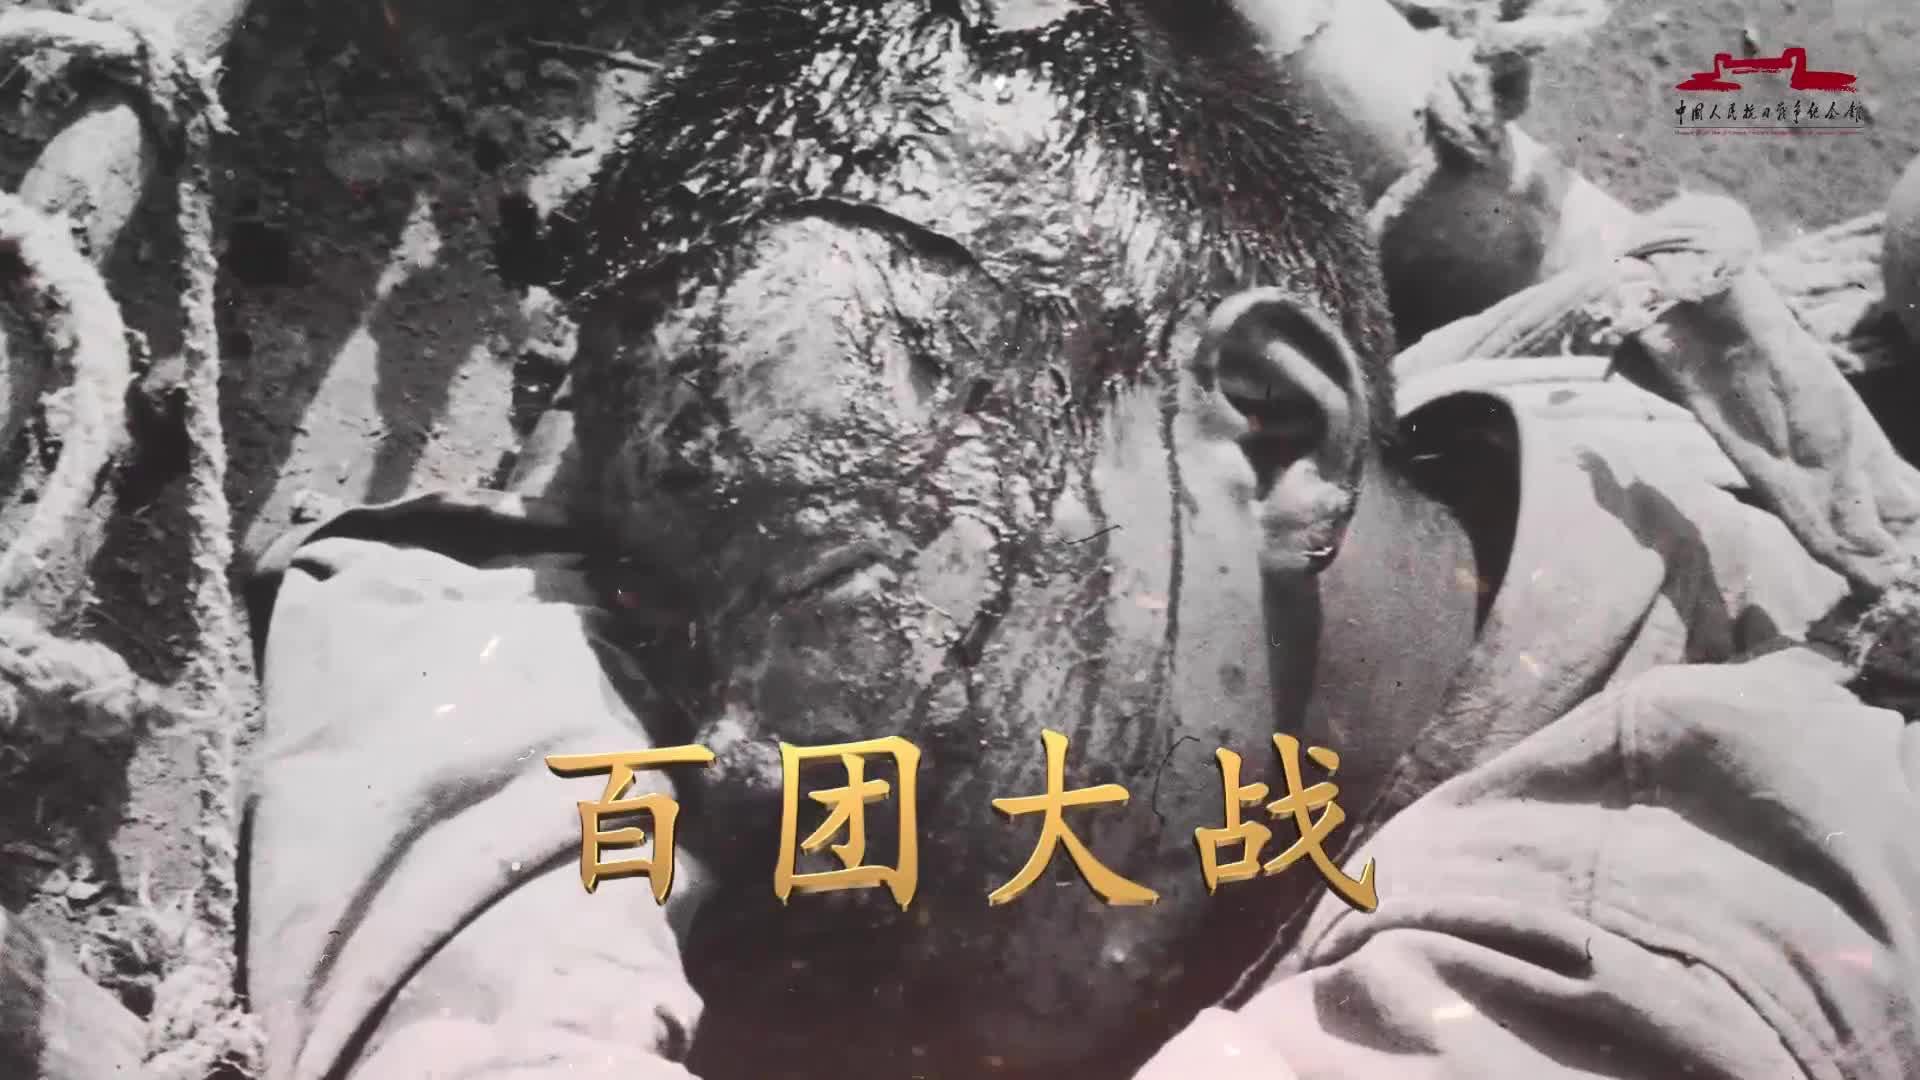 """【首届红色短视频大赛短视频类人气奖】《""""独立自由勋章""""雕塑》"""